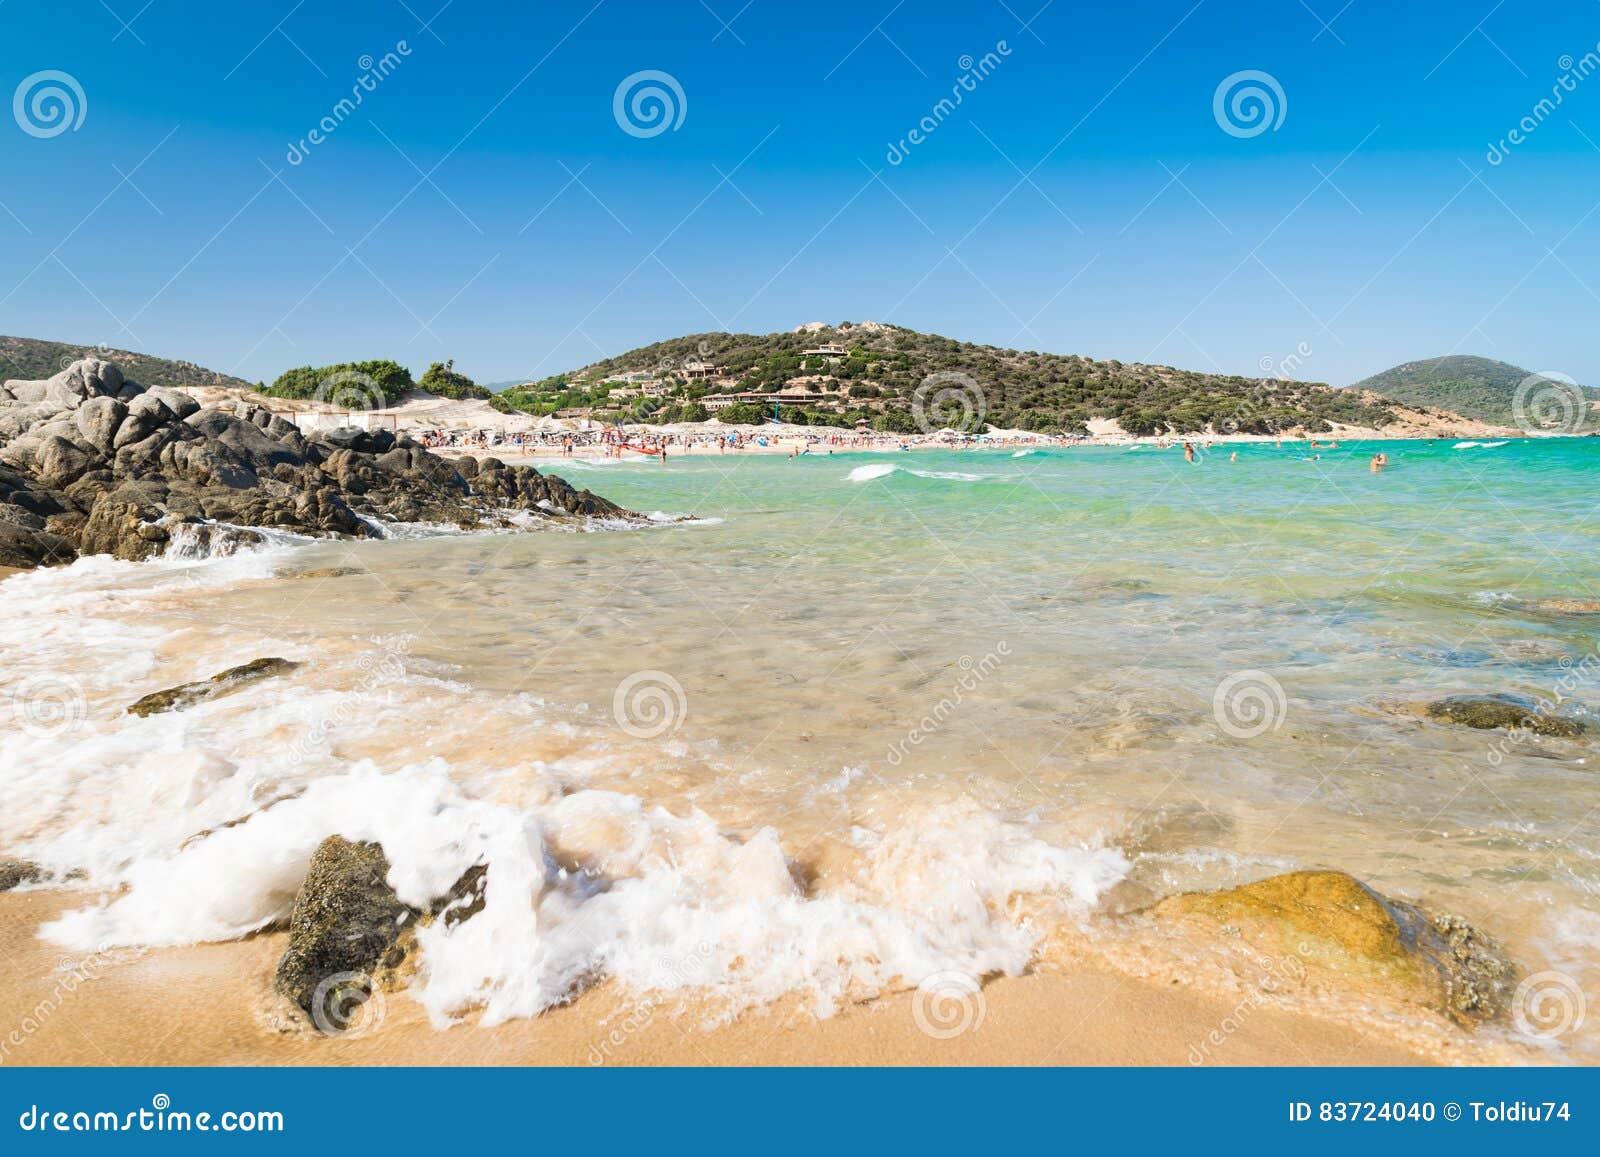 Panorama Of Chia Coast, Sardinia, Italy. Stock Photo